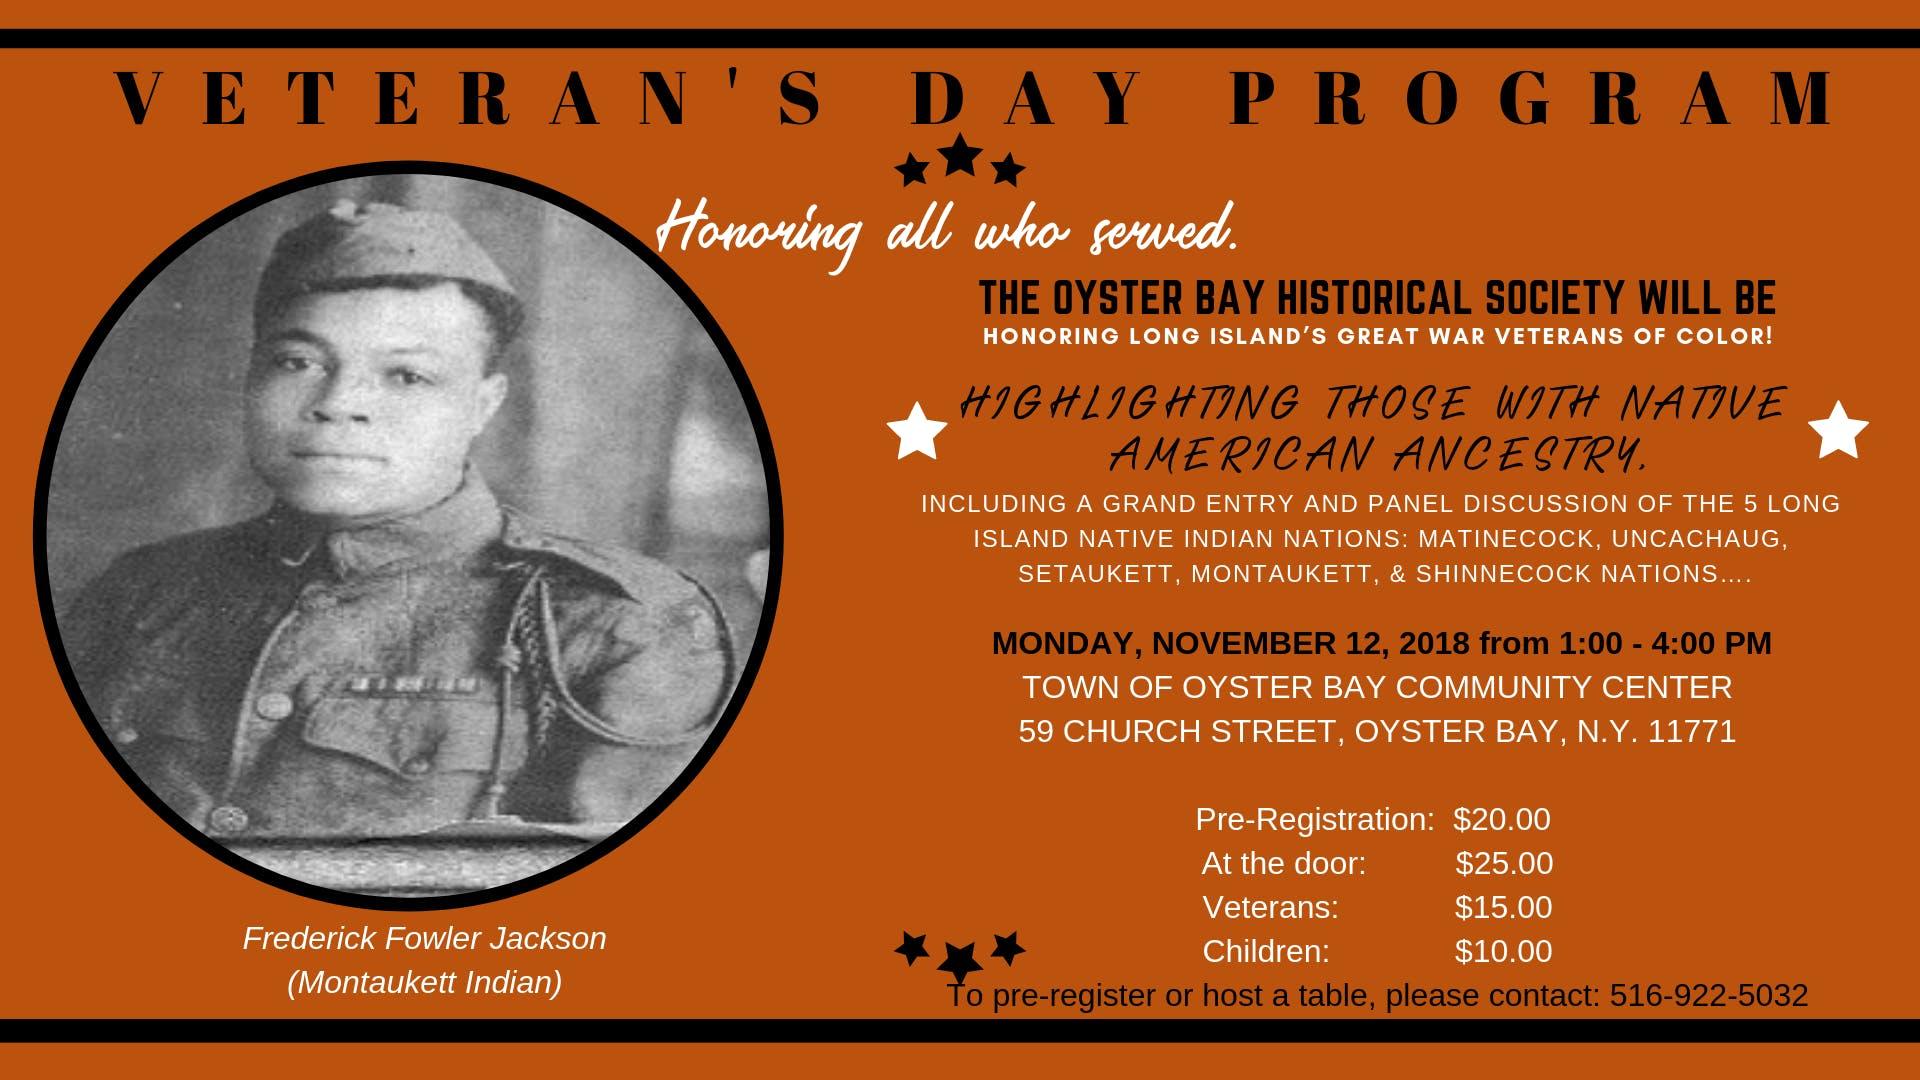 Honoring LI Native American Veterans of the Great War at 59